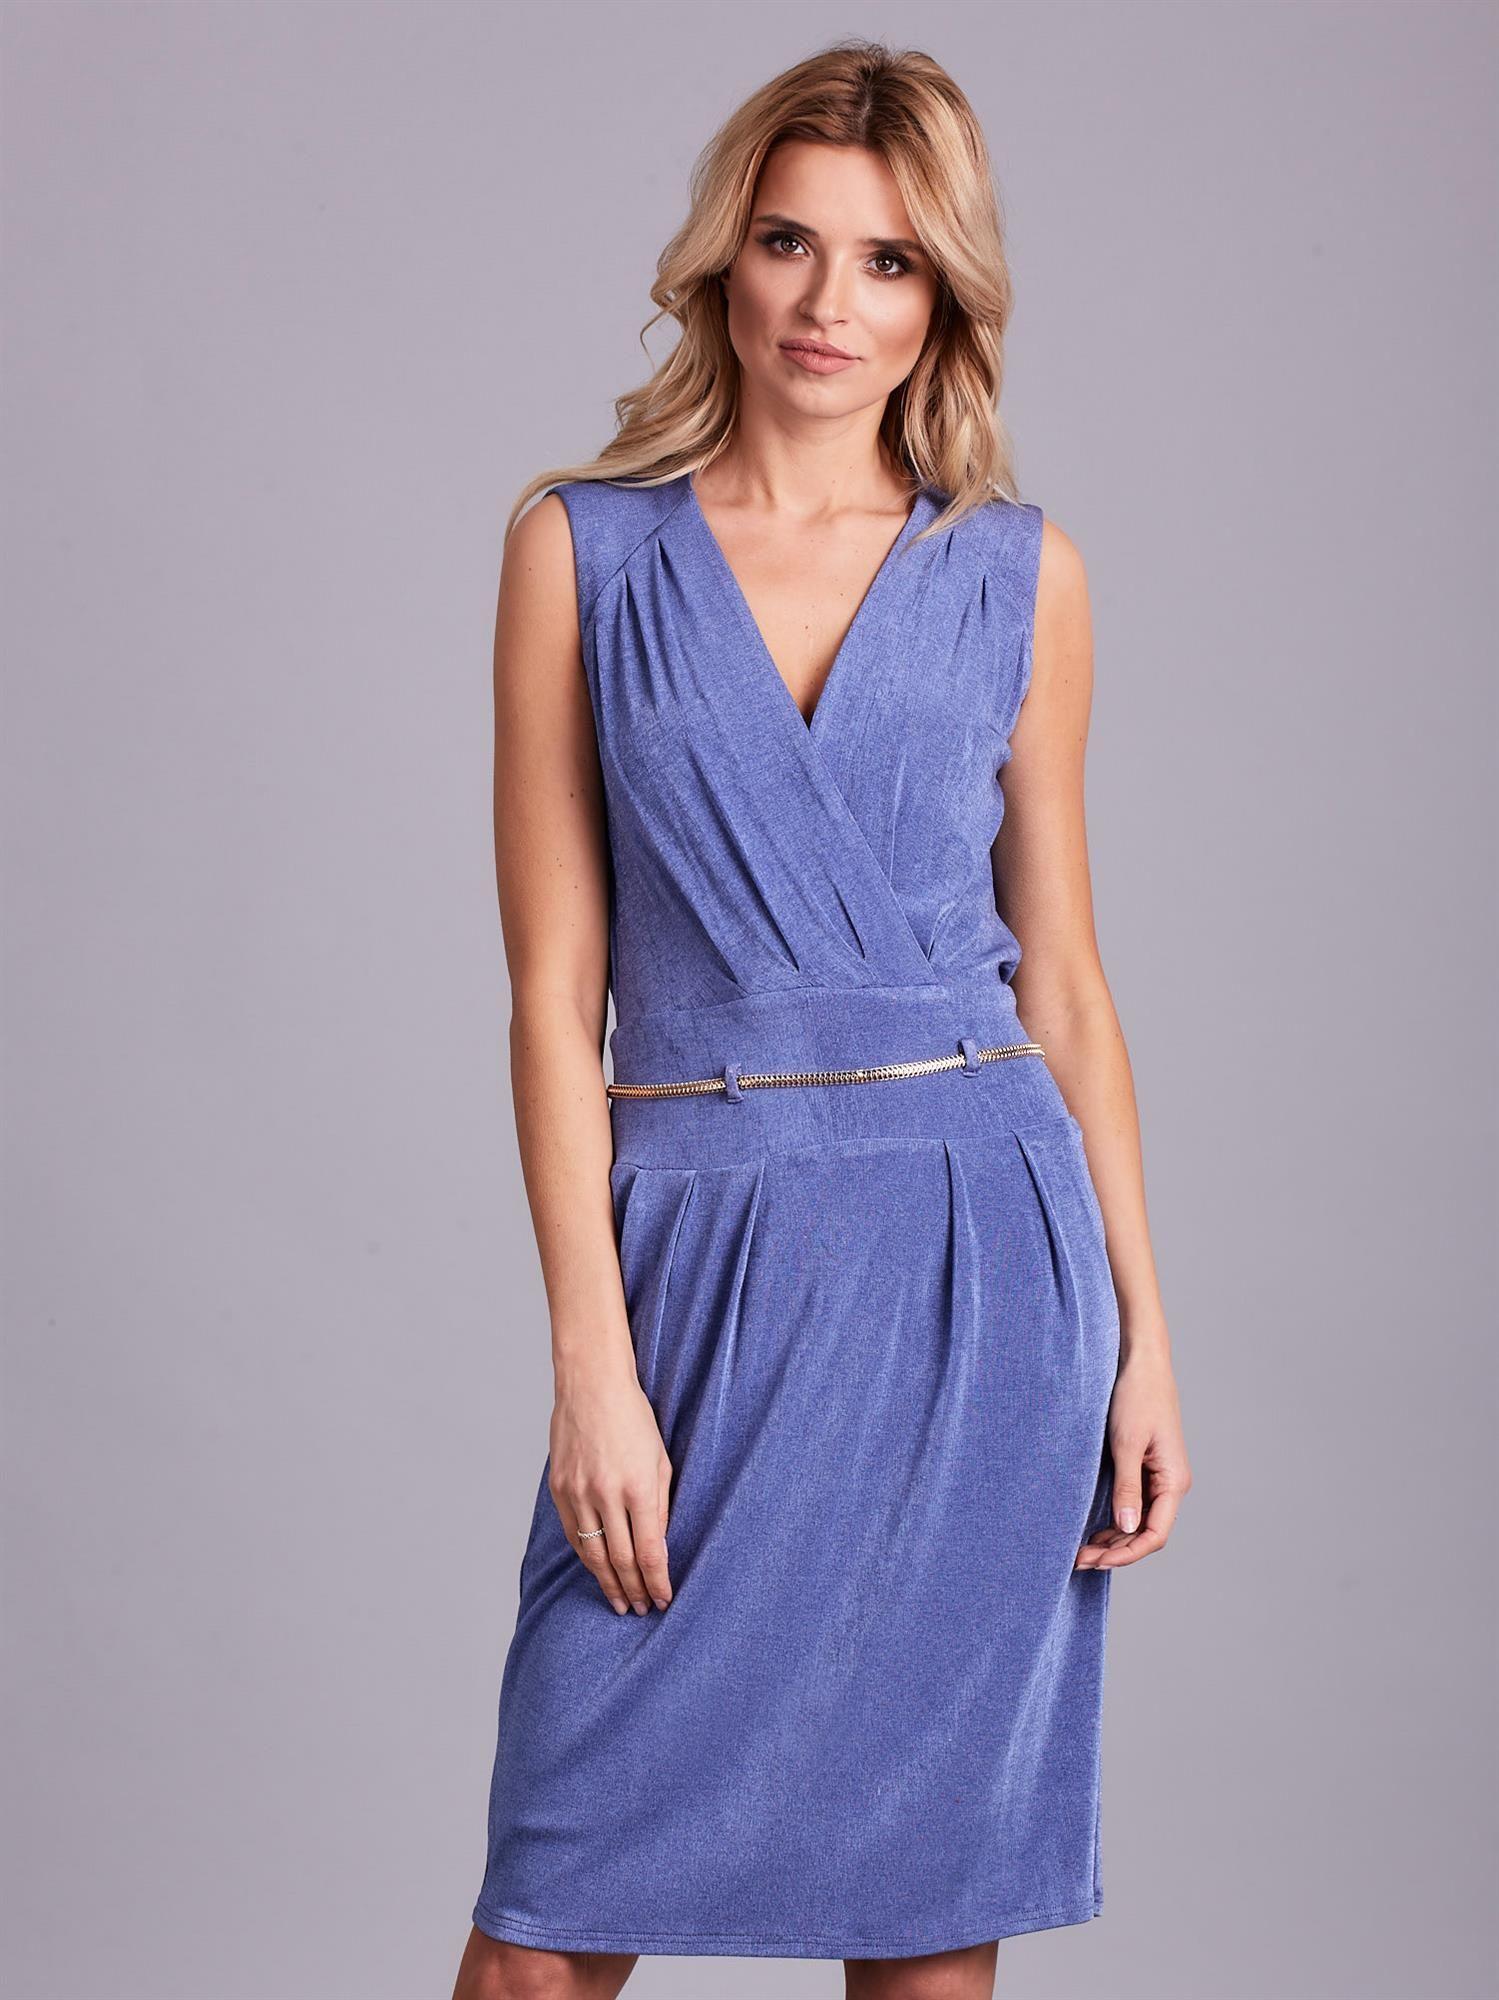 6bddee1cda Niebieska sukienka z dekoltem na plecach - Sukienka koktajlowa ...